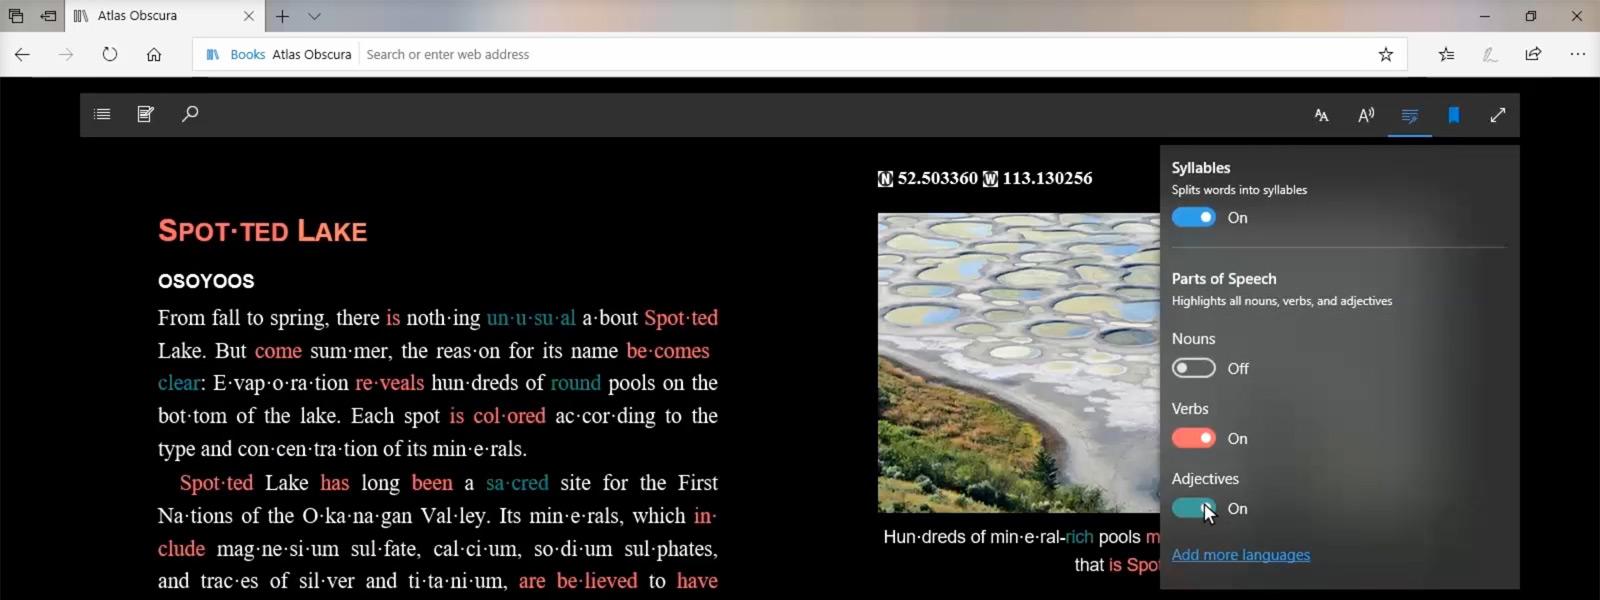 ภาพหน้าจอของฟังก์ชันการใช้งานของเครื่องมือสำหรับการเรียนรู้ขณะที่ไฮไลต์คำนาม คำกริยา และคำคุณศัพท์บนหน้าเว็บ